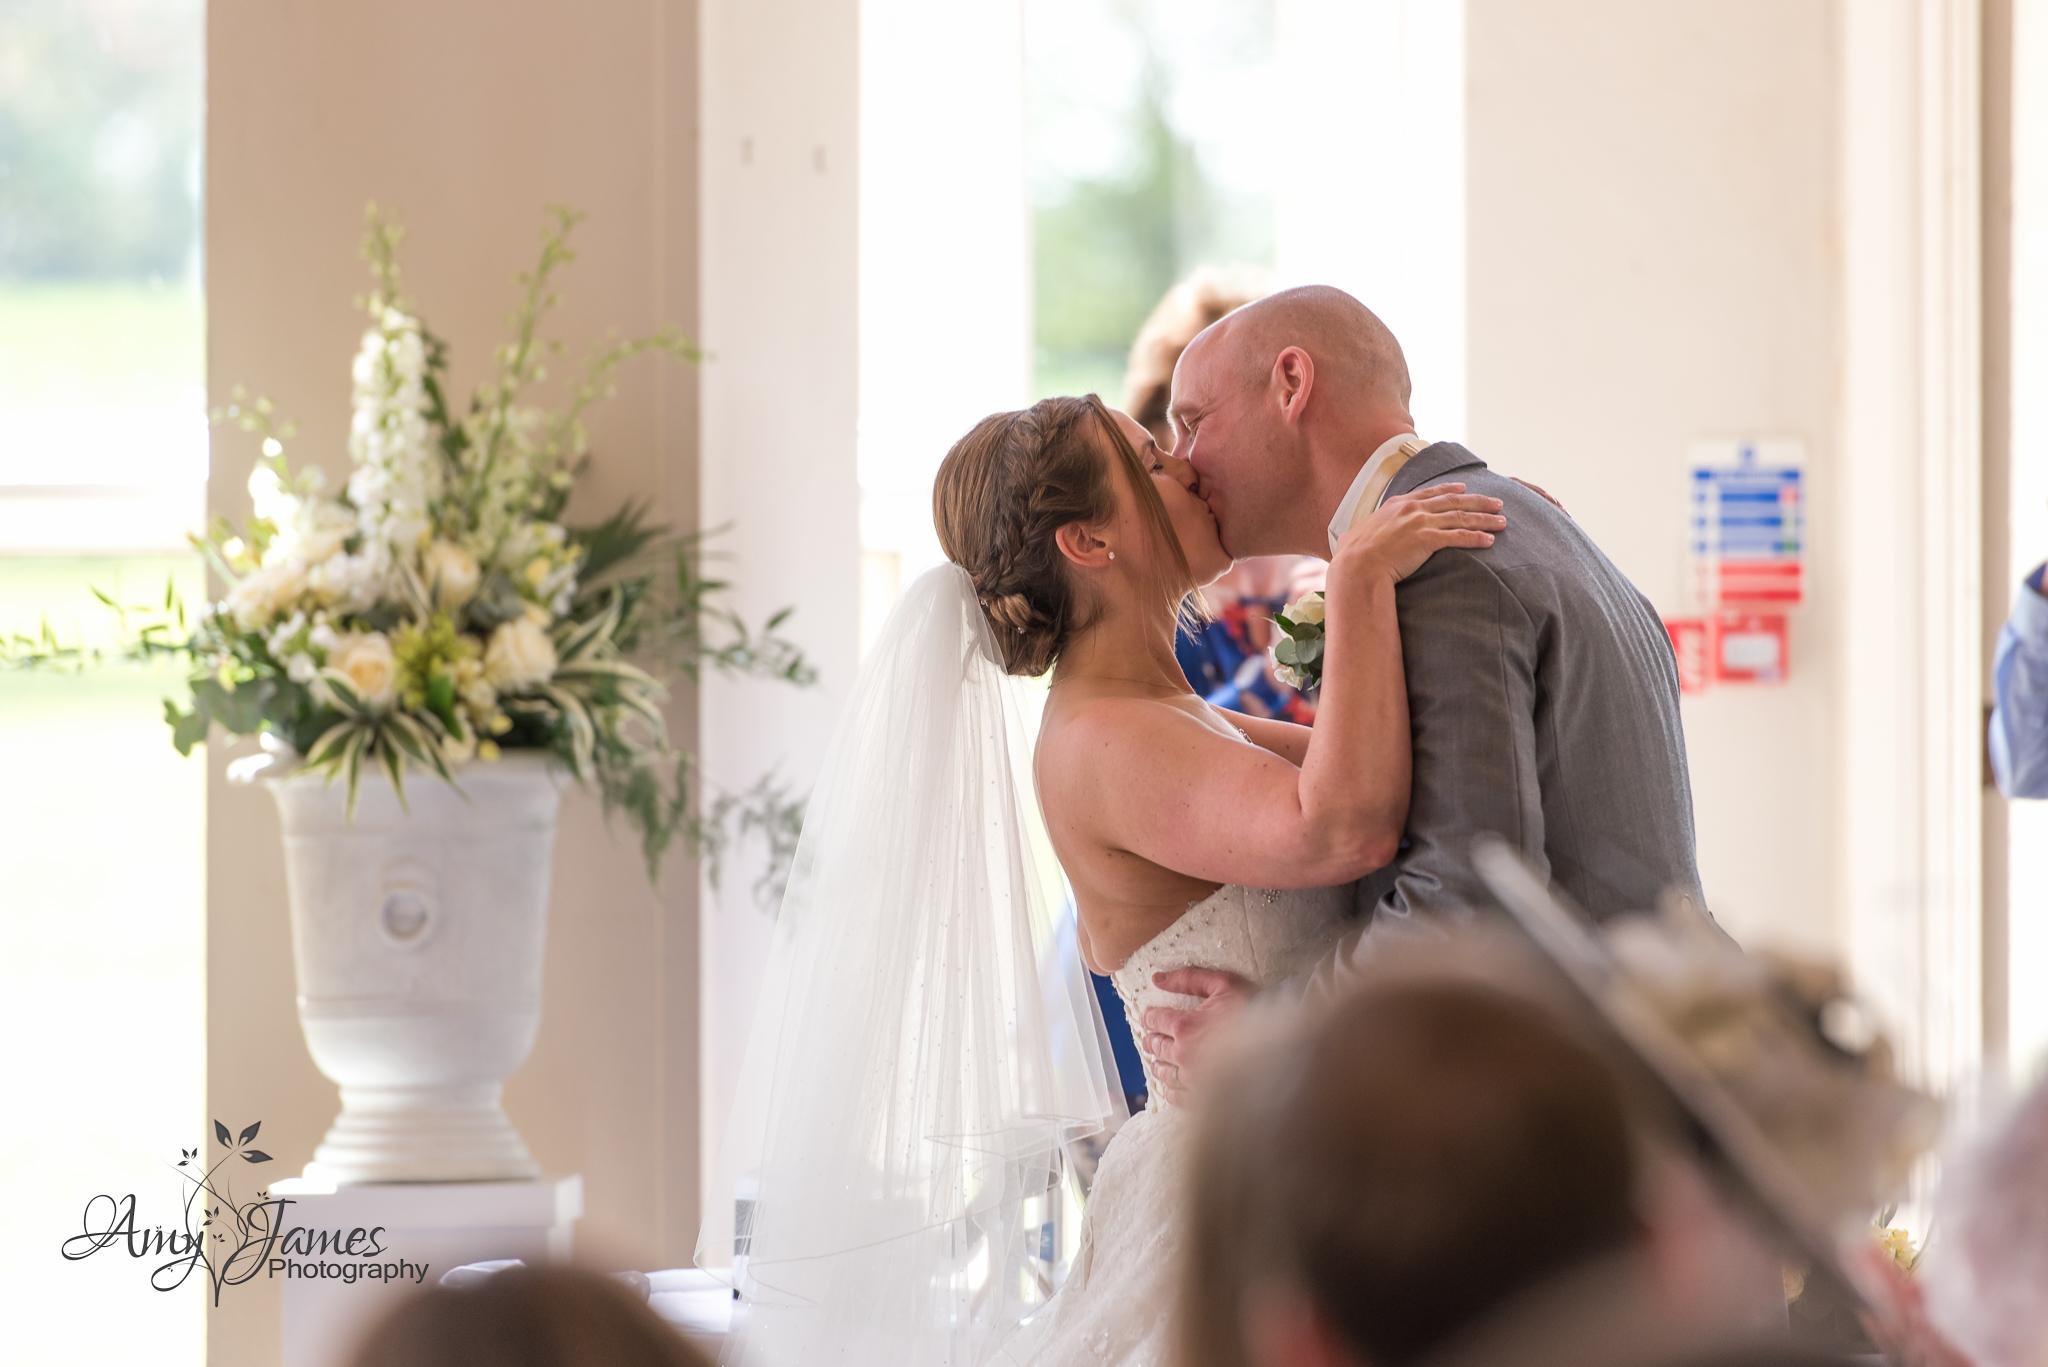 Wedding Photographer Hampshire // Hampshire Wedding Venues // Surrey Wedding Venues // Basingstoke Wedding // Audleys Wood Hotel Wedding